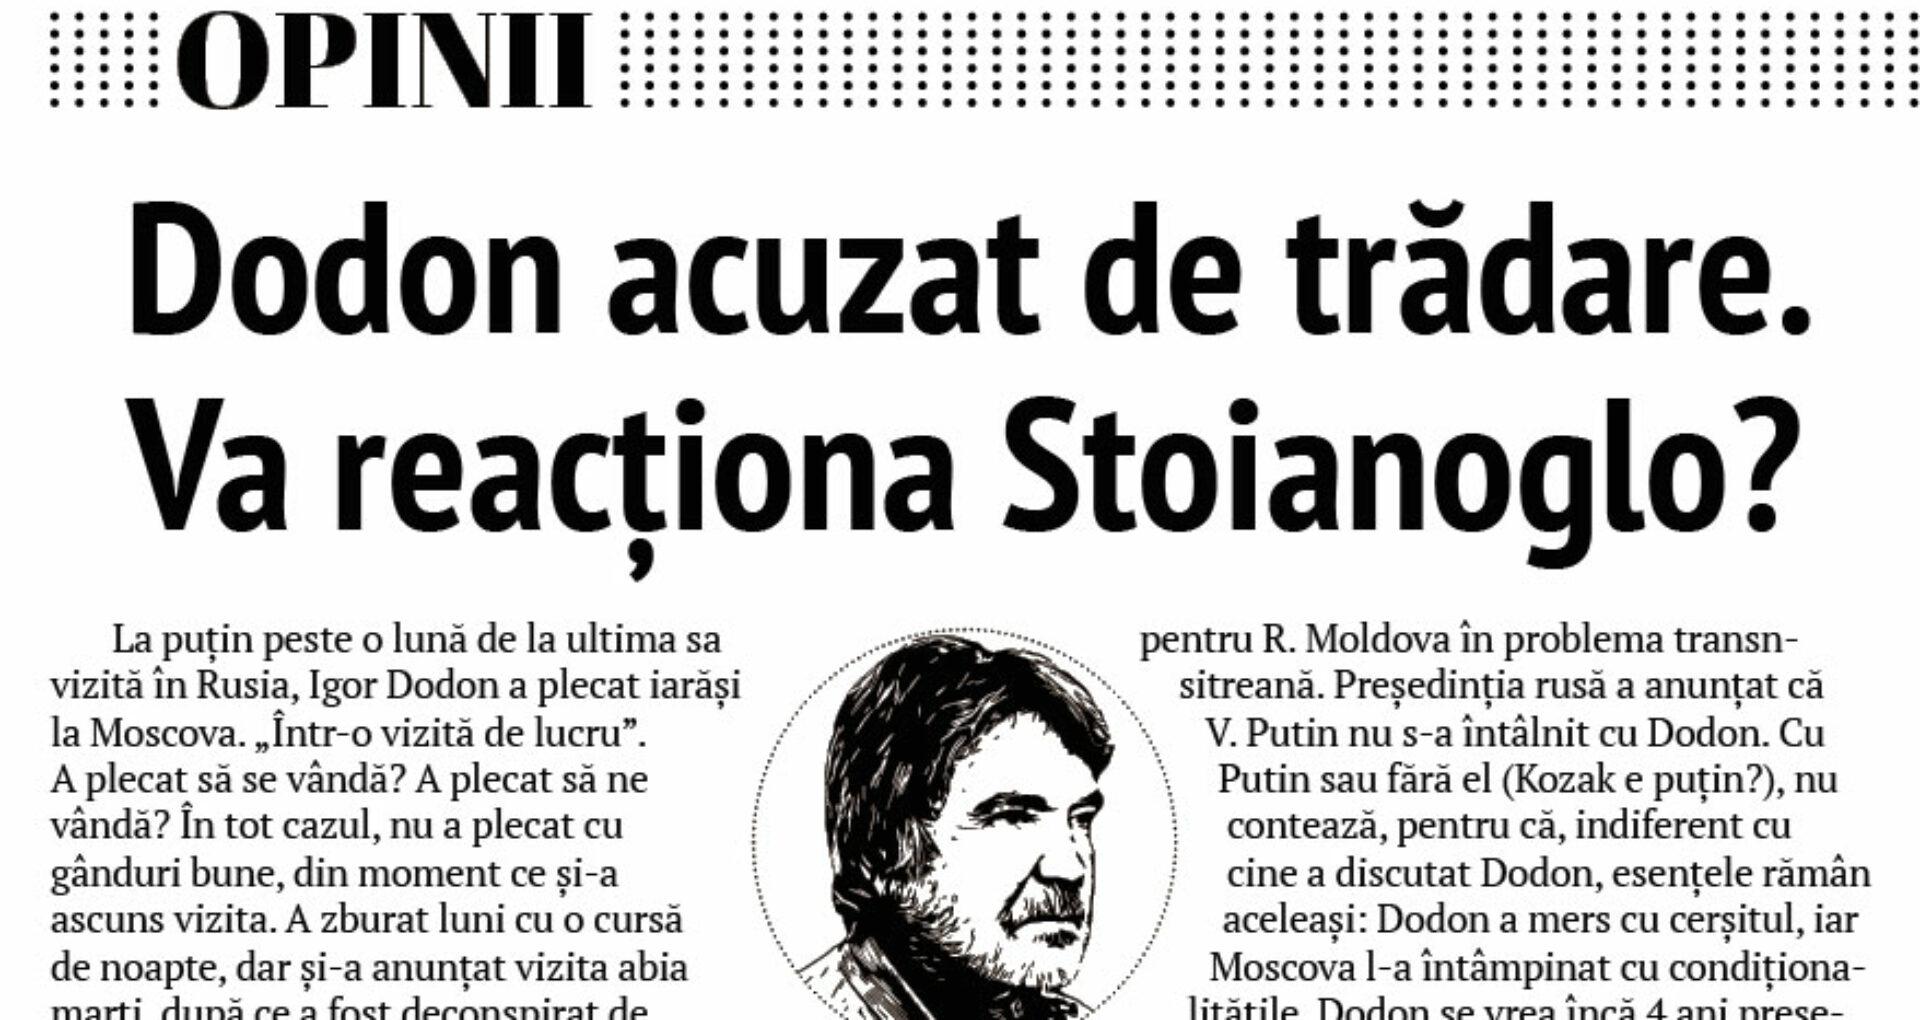 Dodon acuzat de trădare. Va reacționa Stoianoglo?